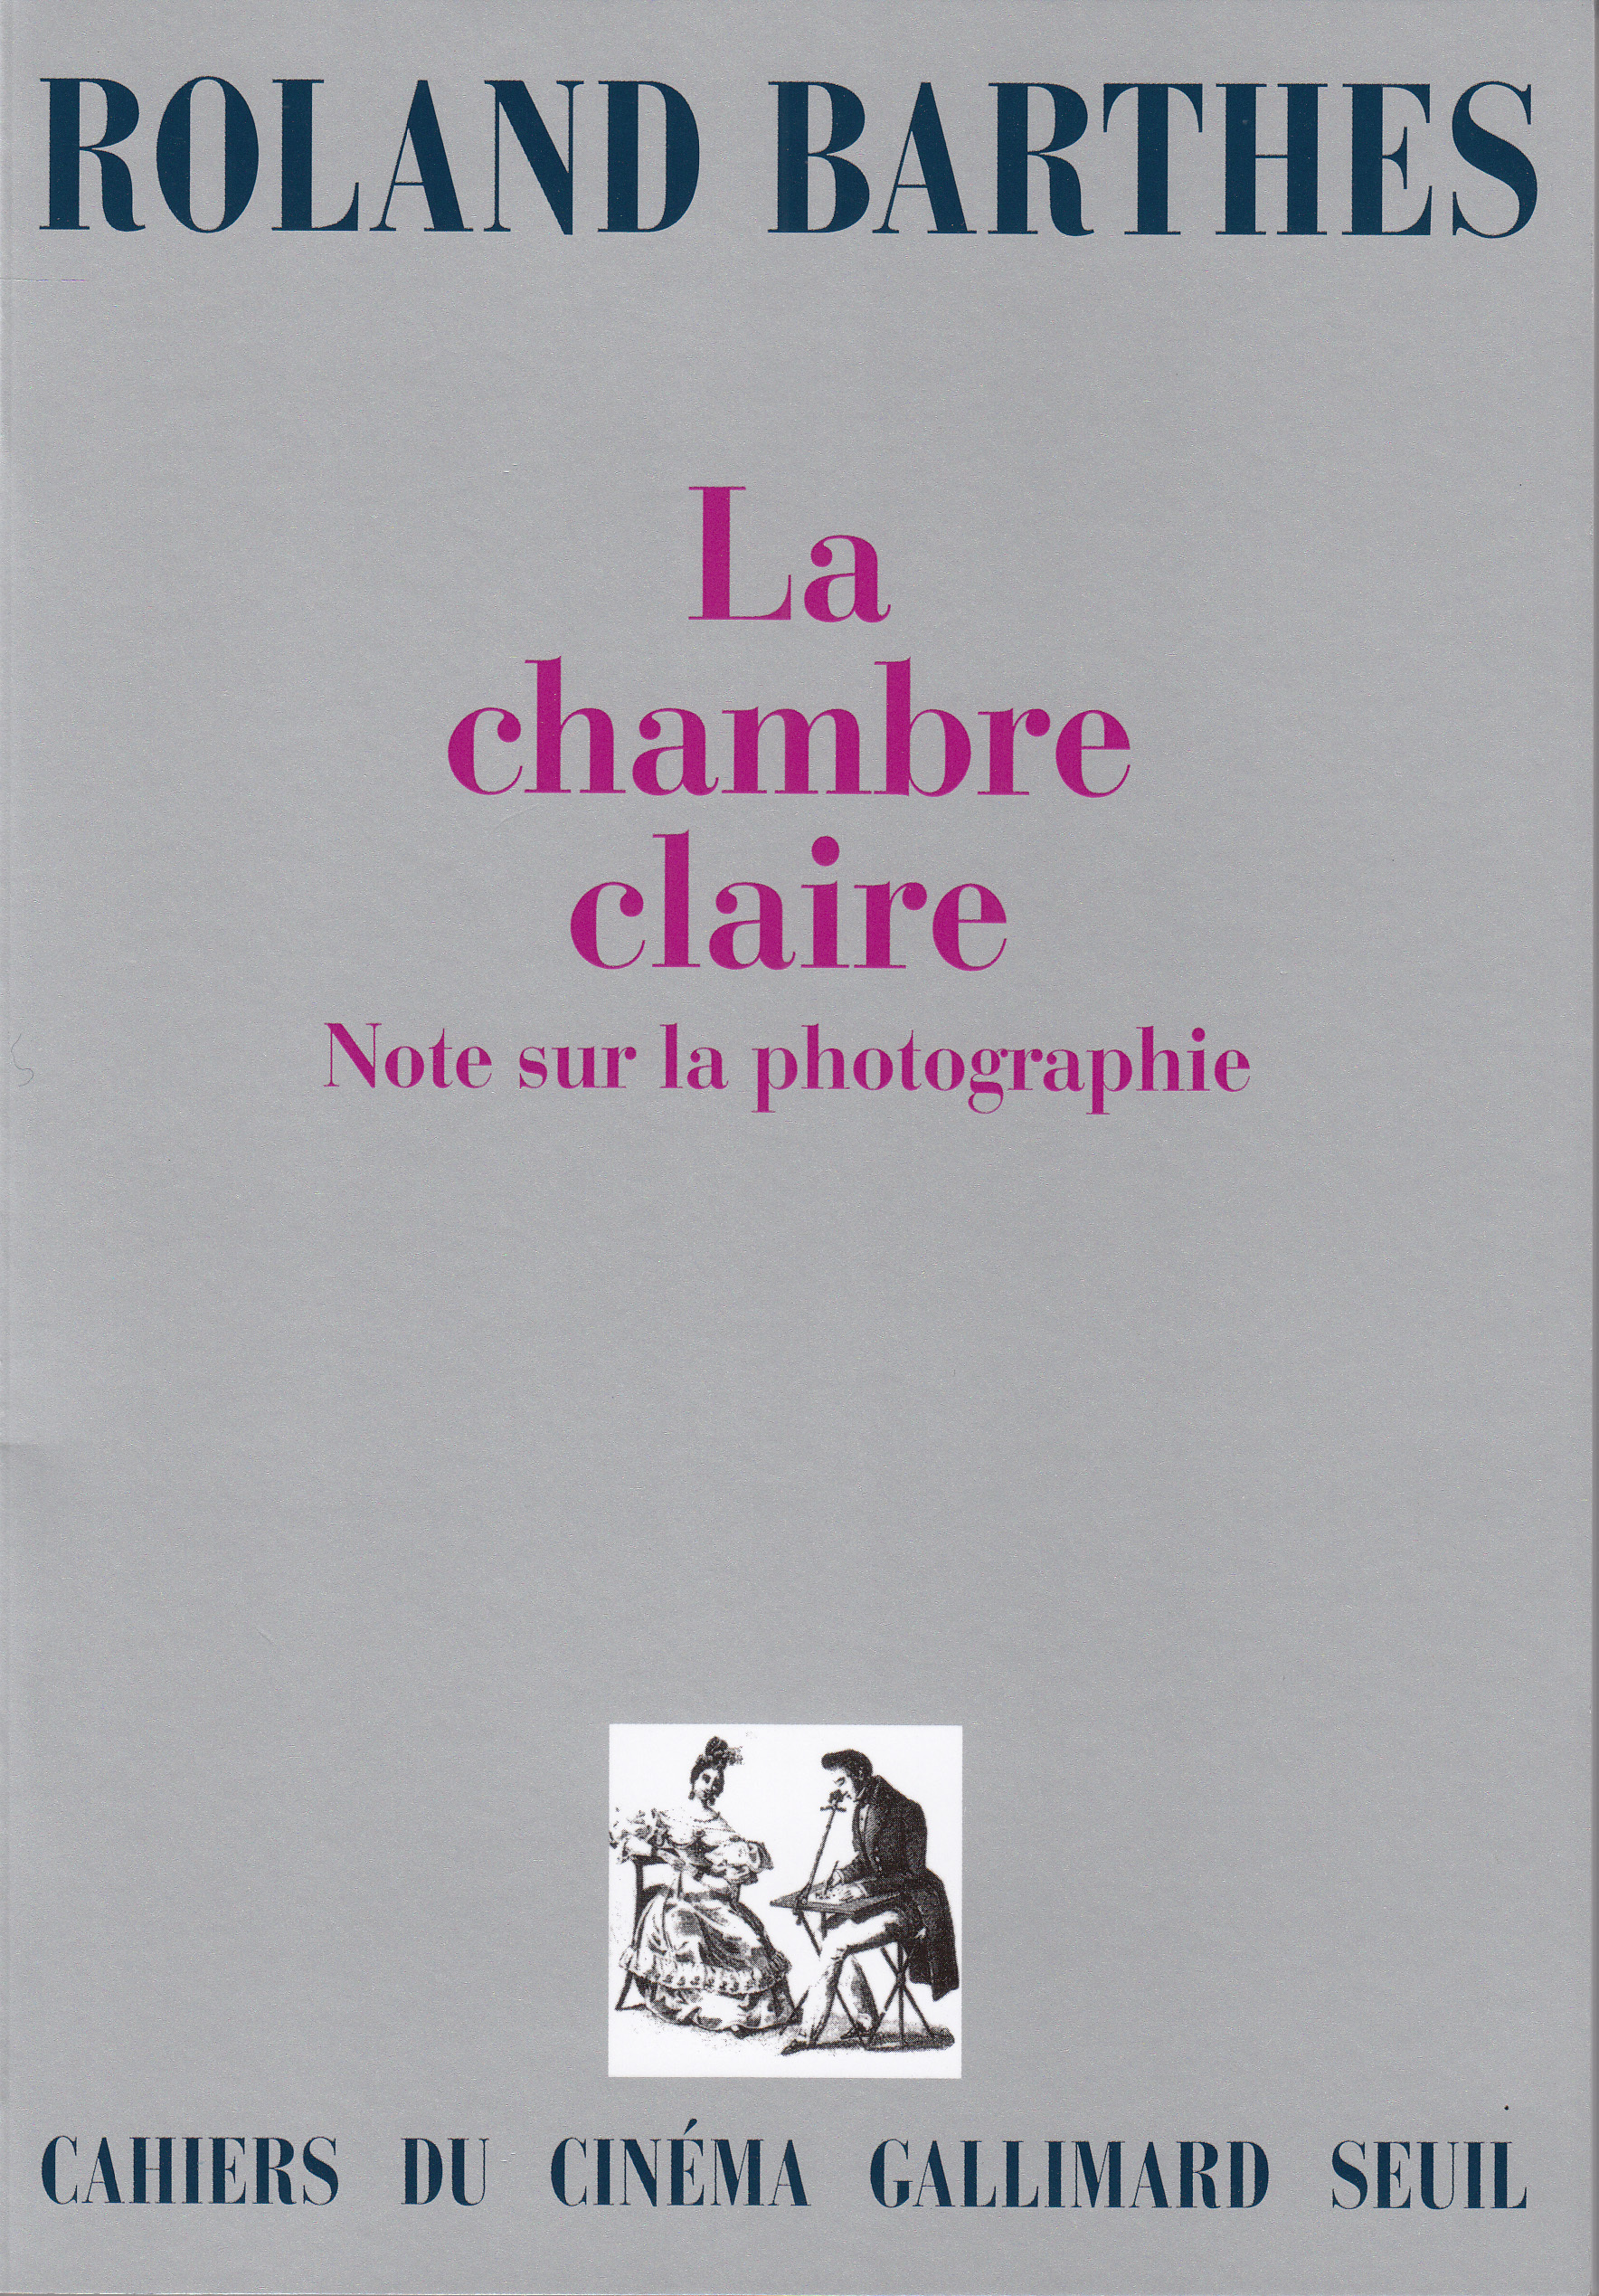 LA CHAMBRE CLAIRE